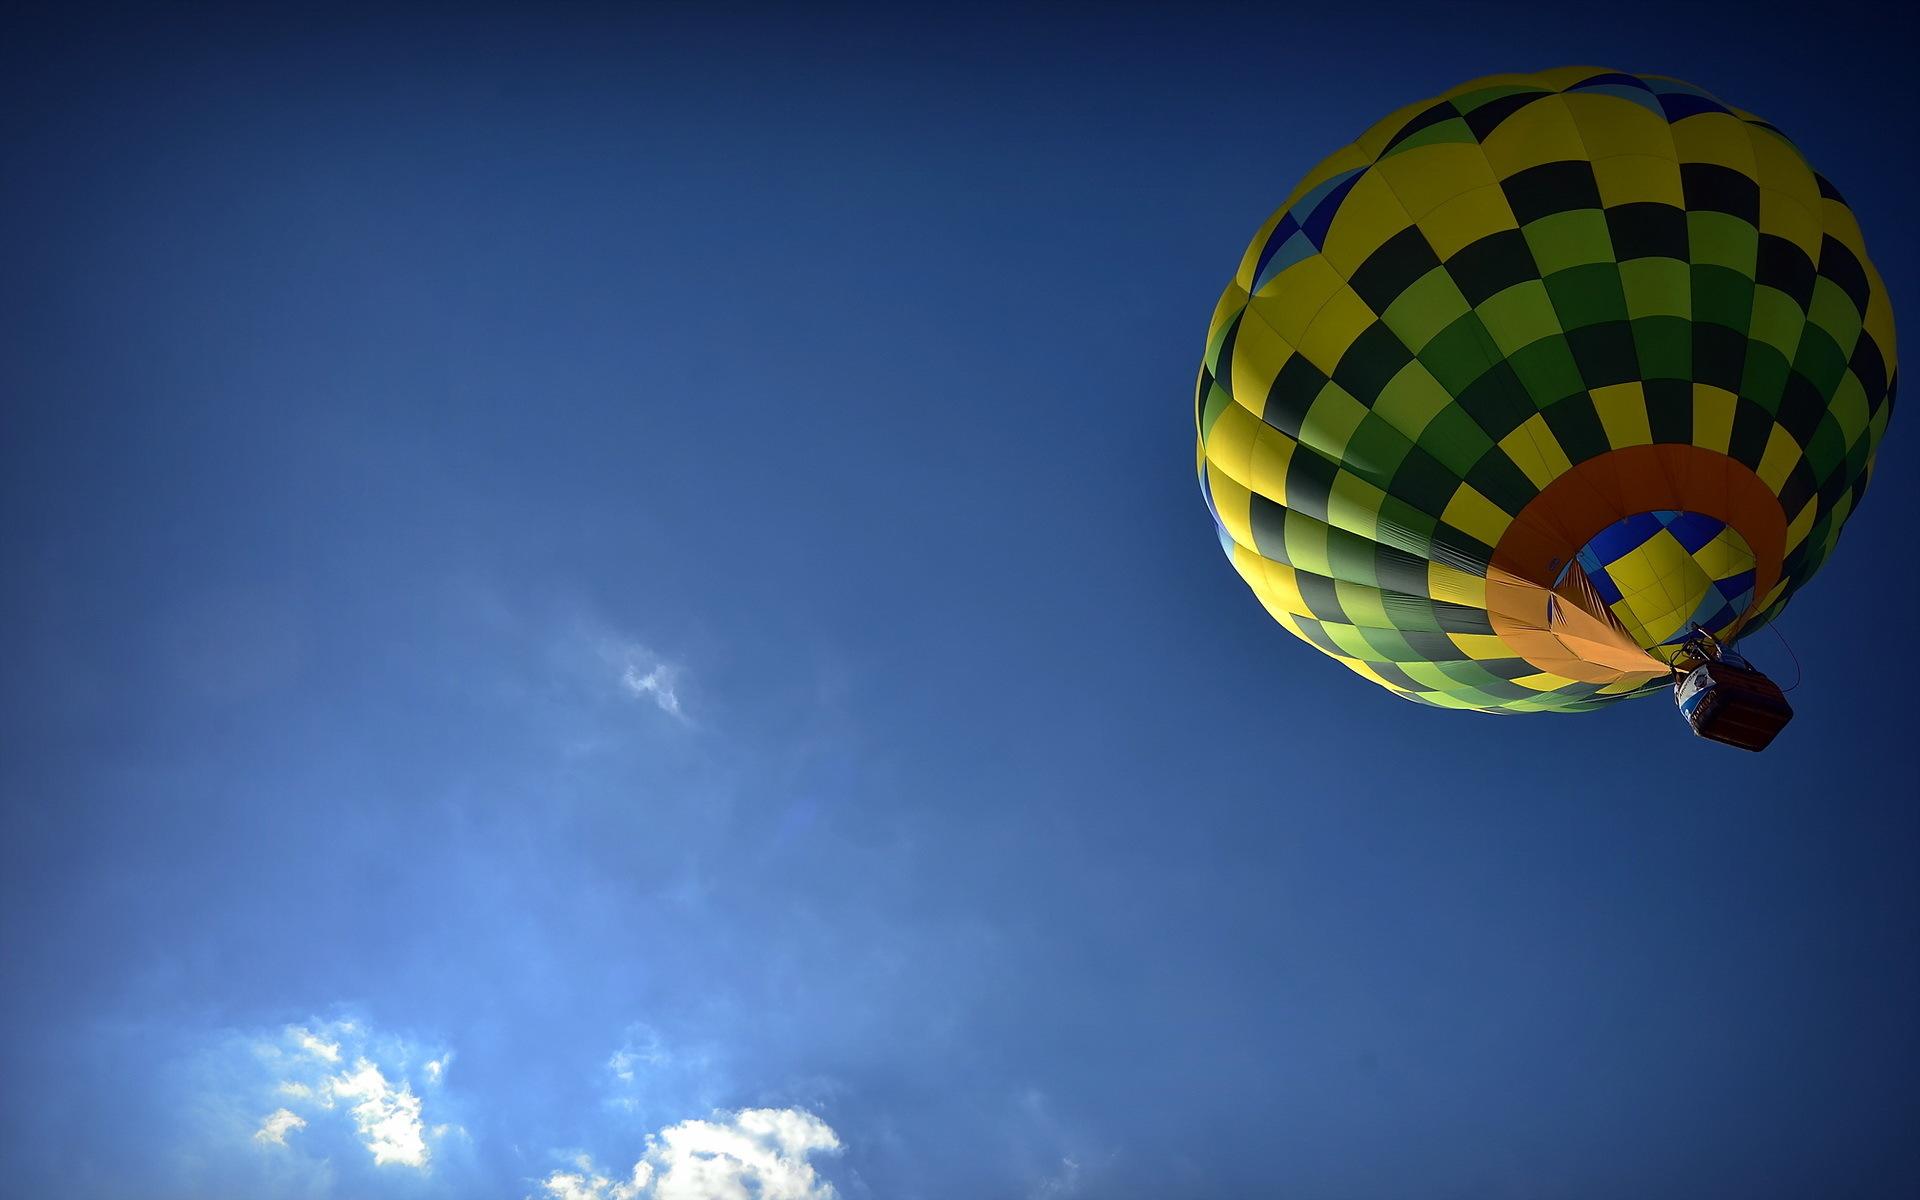 hot air balloon desktop wallpaper 48989